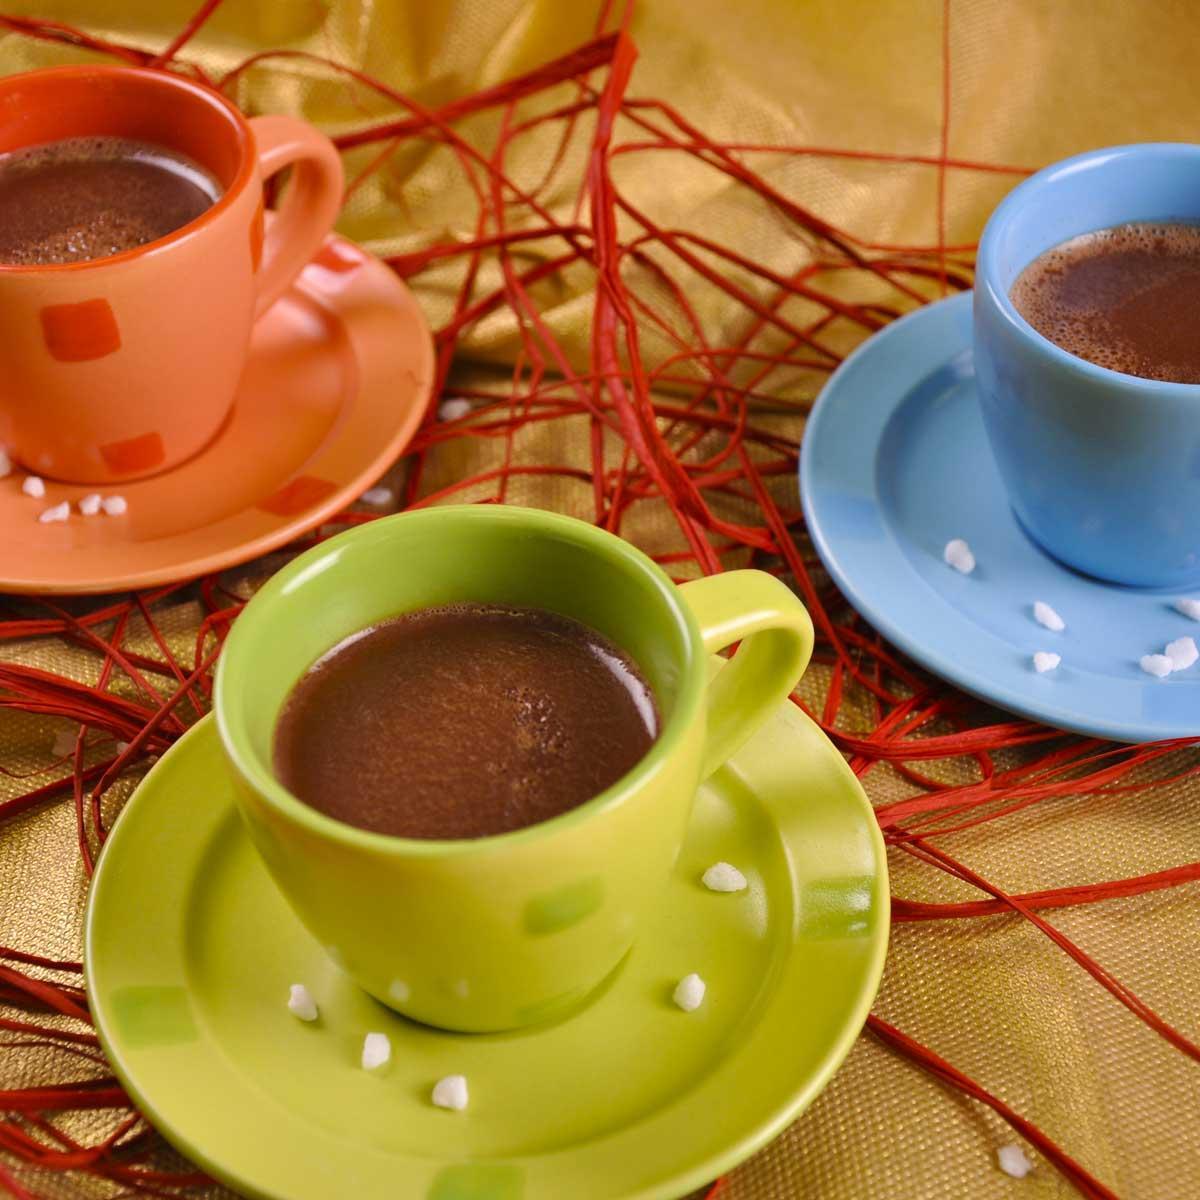 chocolat chaud de no l une recette entre amis cuisine le figaro madame. Black Bedroom Furniture Sets. Home Design Ideas